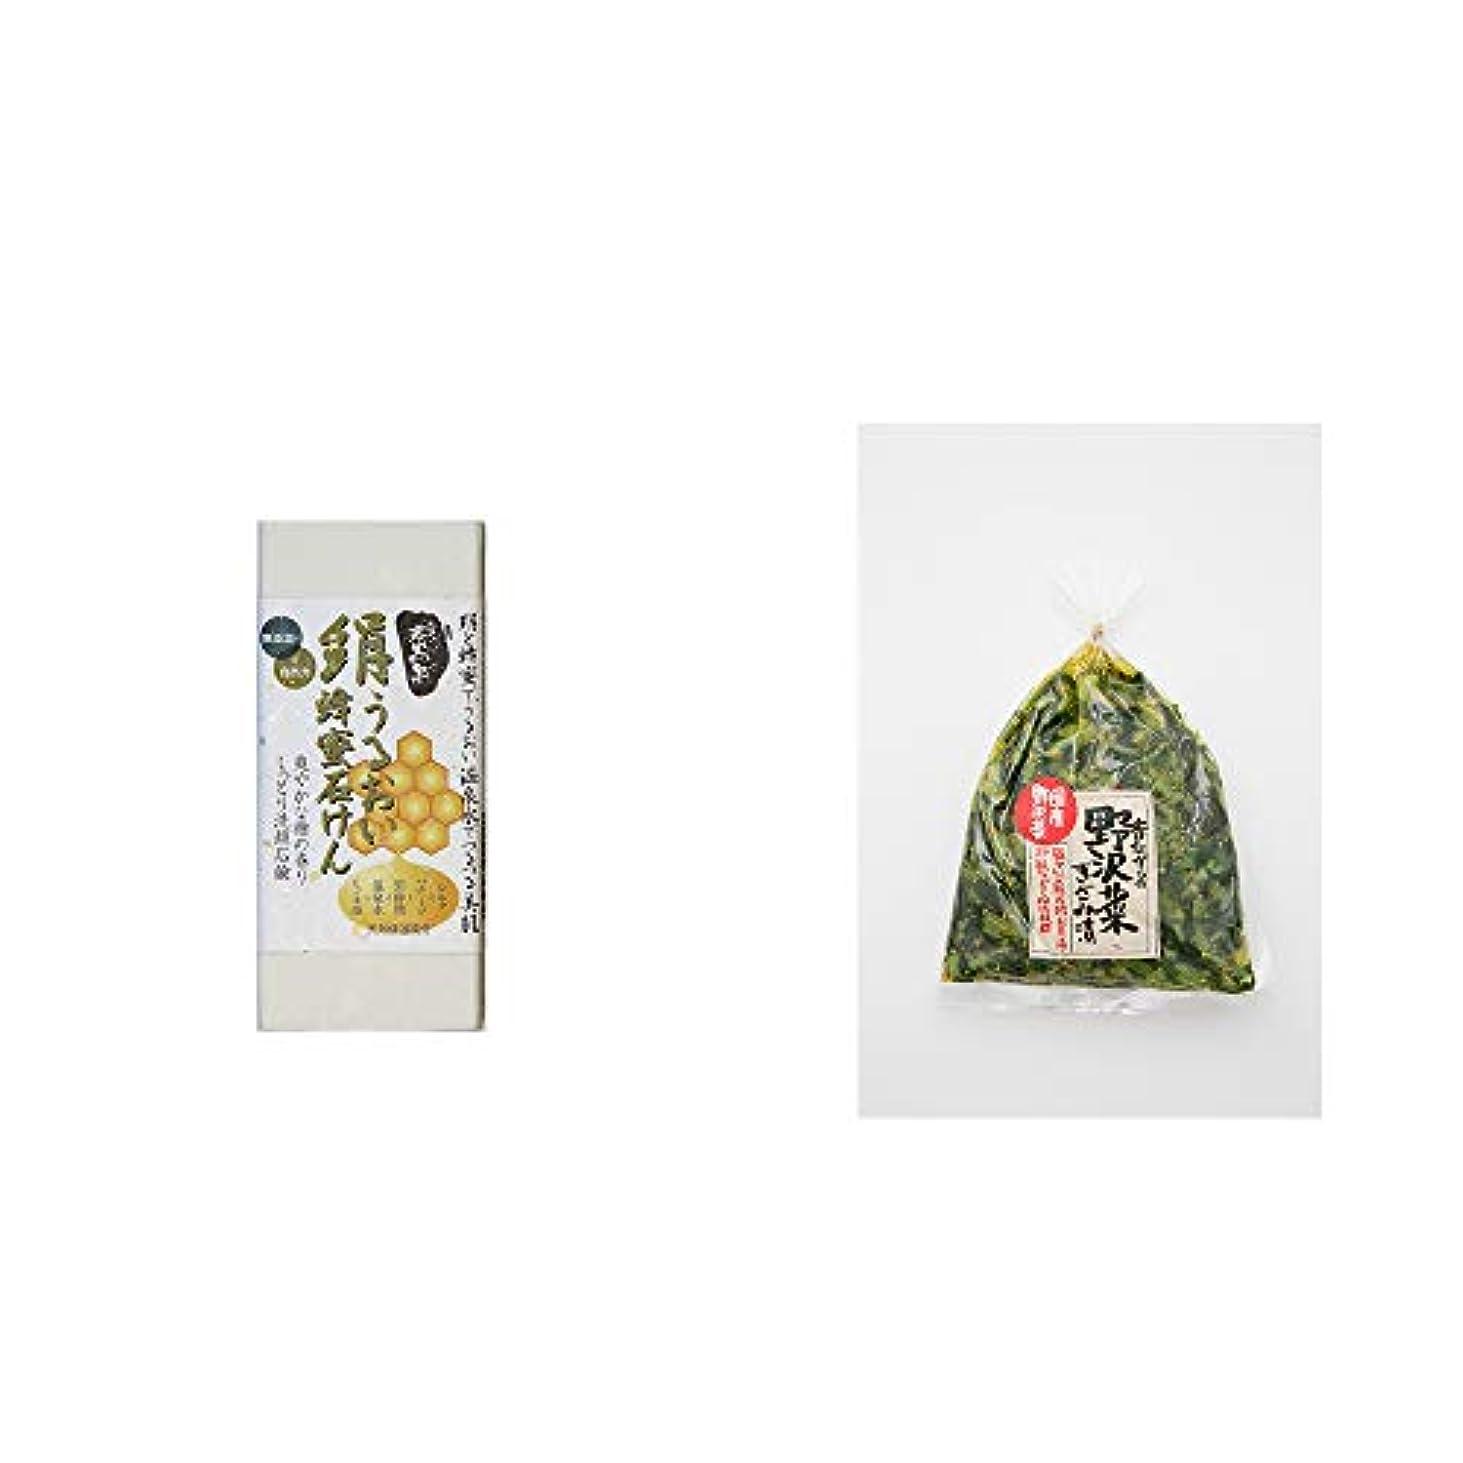 結婚するやろうぶら下がる[2点セット] ひのき炭黒泉 絹うるおい蜂蜜石けん(75g×2)?国産 昔ながらの野沢菜きざみ漬け(150g)